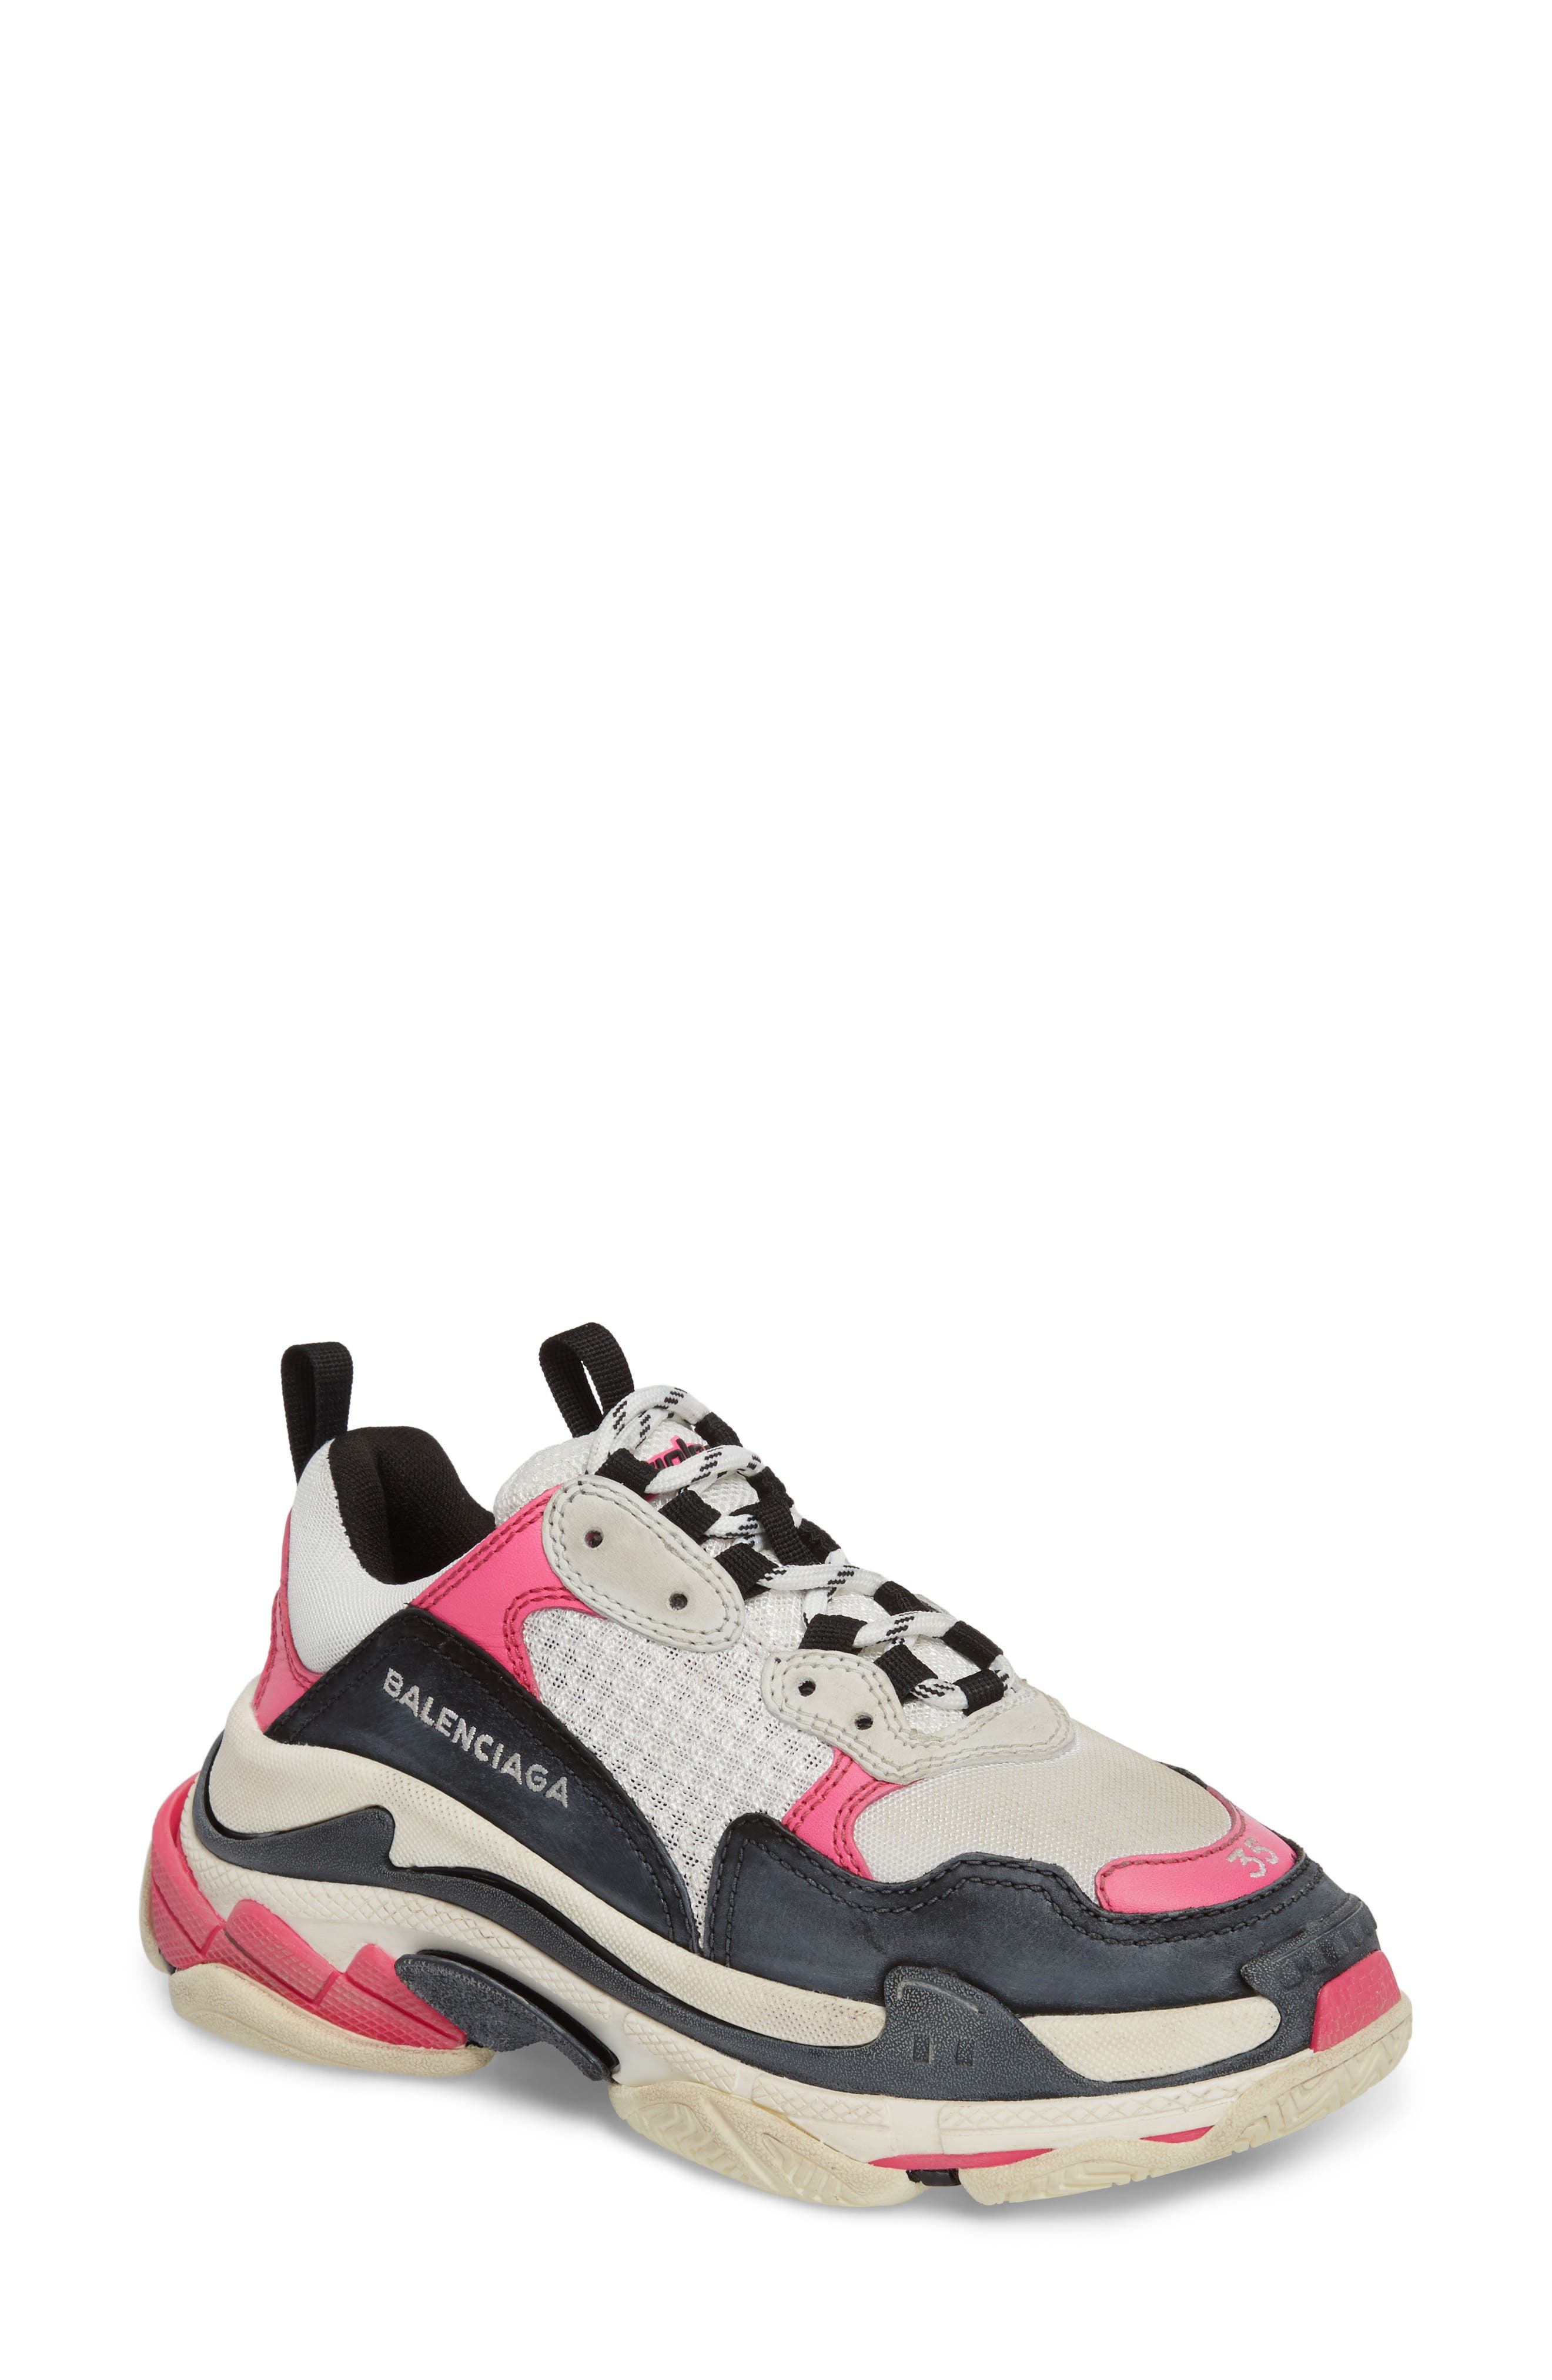 BALENCIAGA,                             Triple S Low Top Sneaker,                             Main thumbnail 1, color,                             WHITE/ BLACK/ PINK